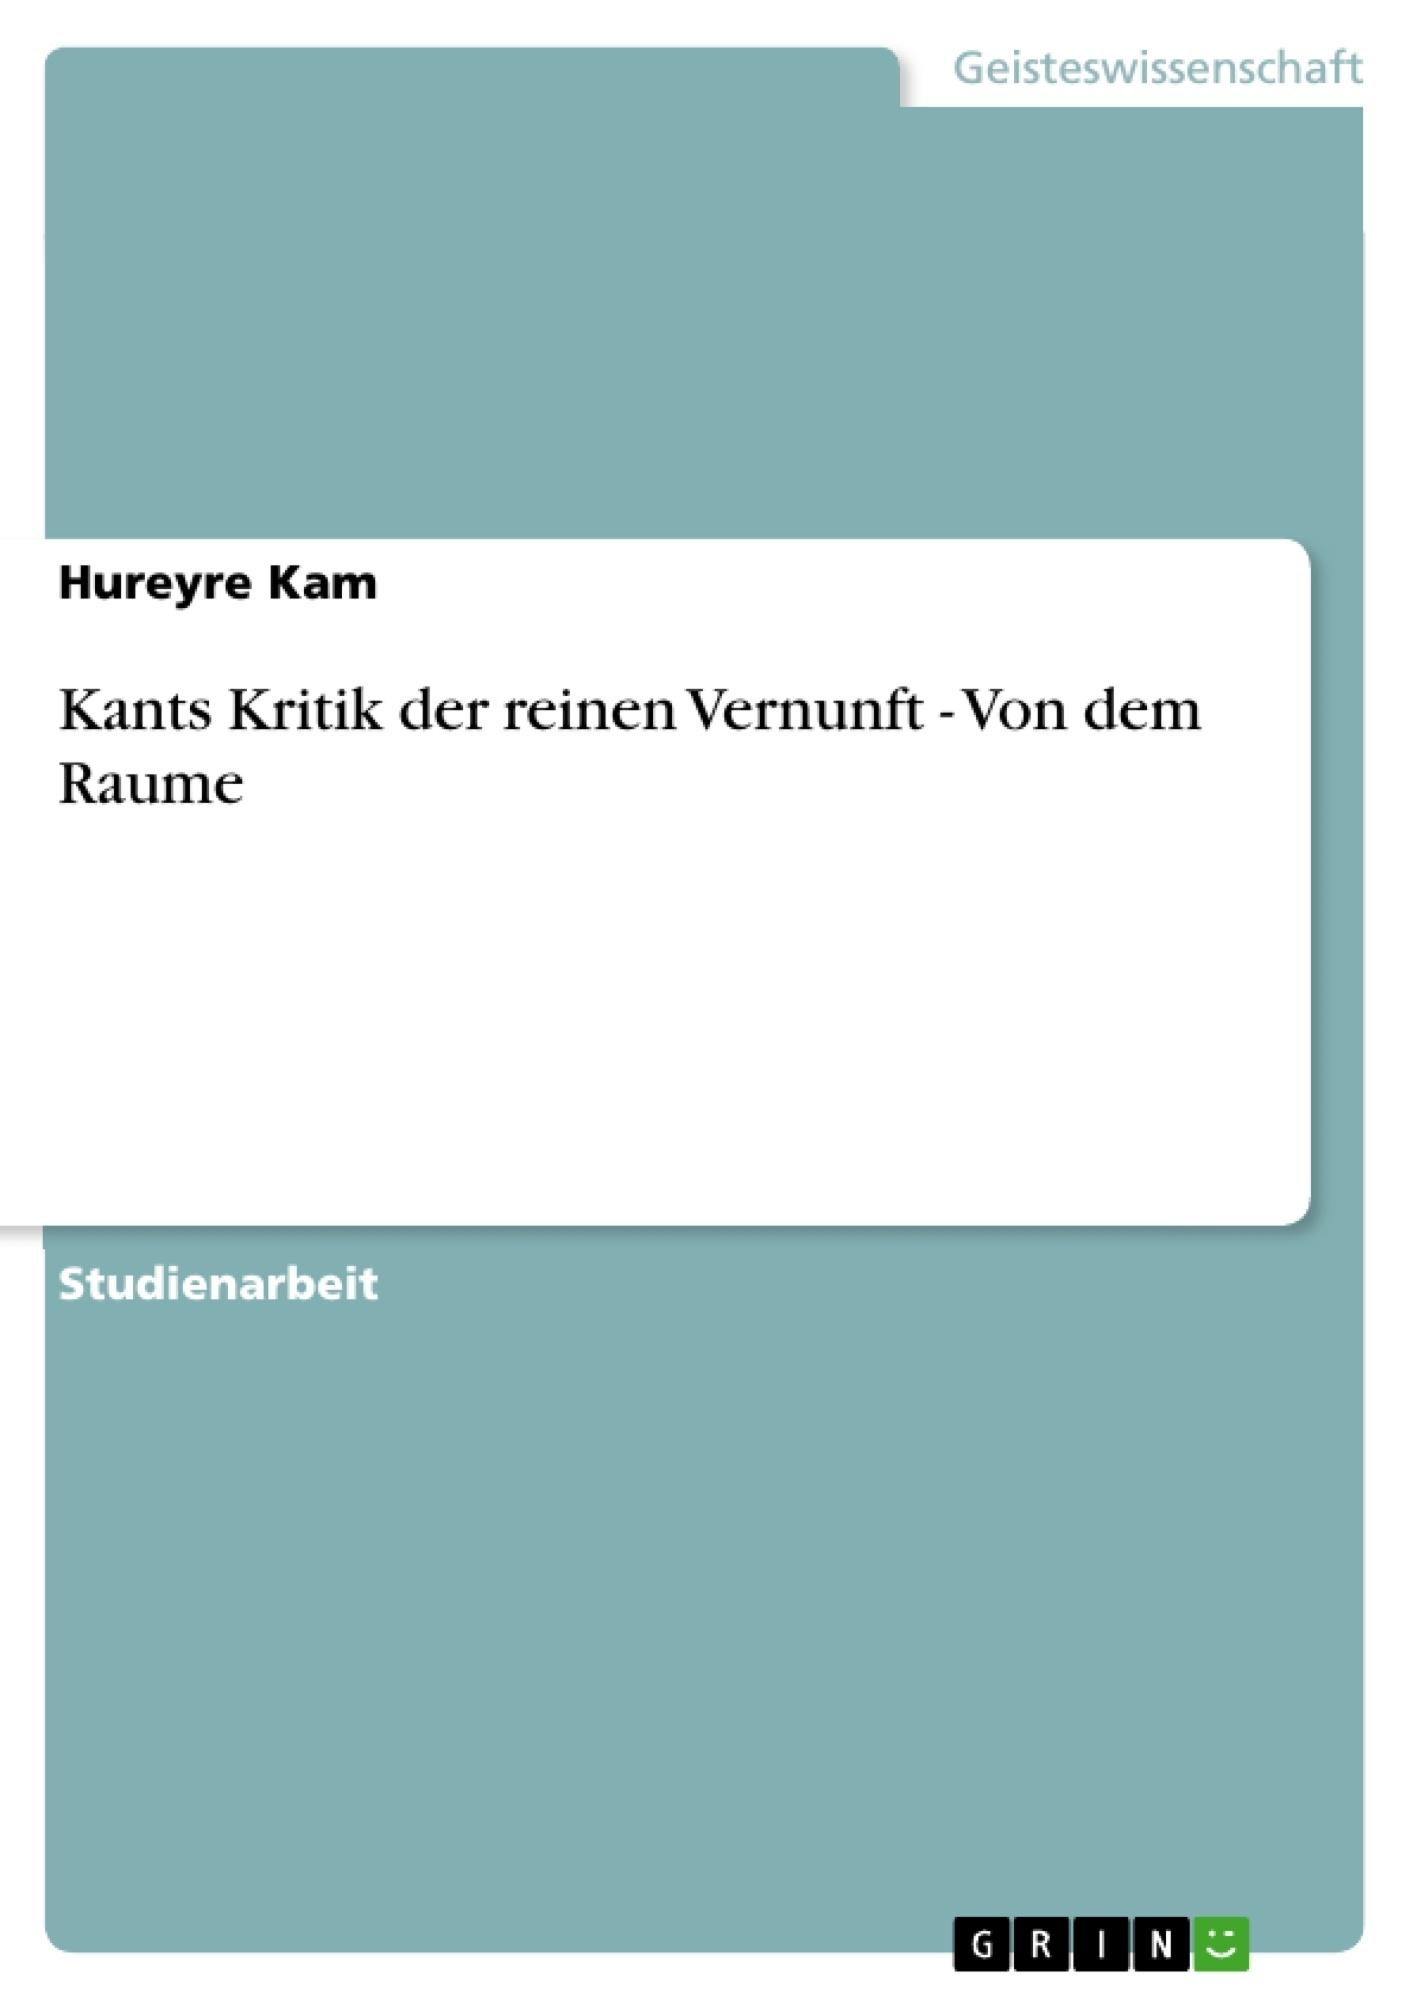 Titel: Kants Kritik der reinen Vernunft - Von dem Raume